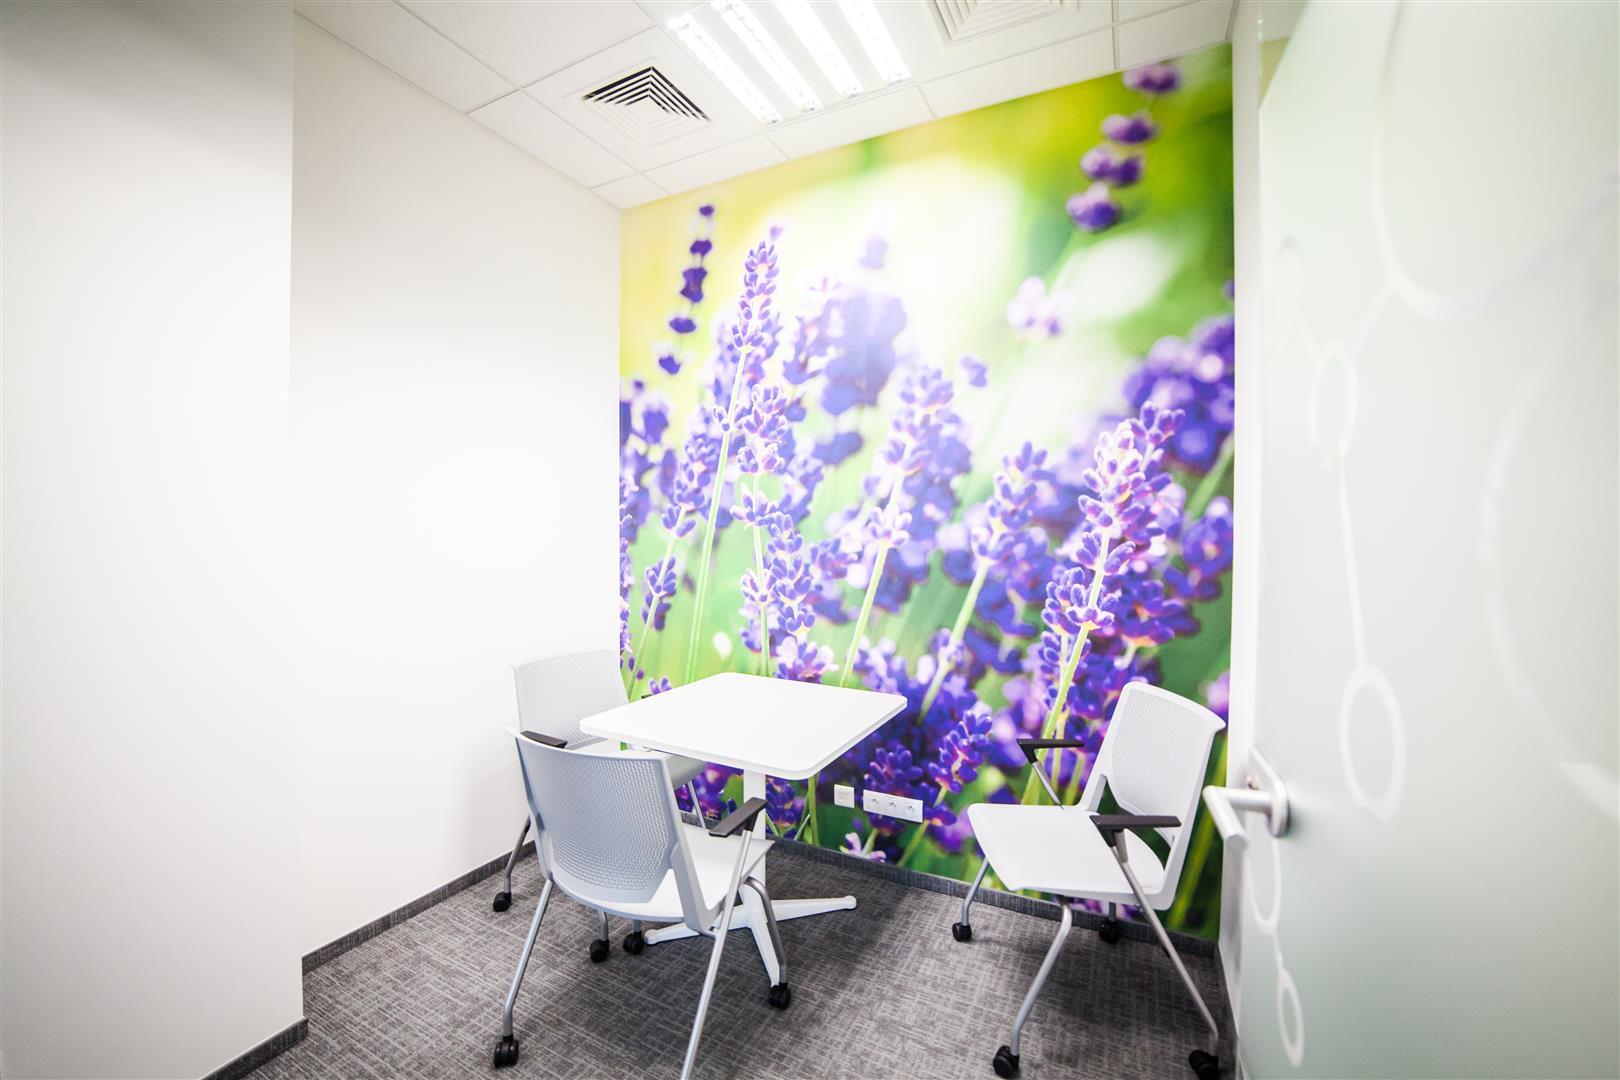 Ściany sal konferencyjnych w firmie AstraZeneca są ozdobione tapetami. (Fot. Mikomax)